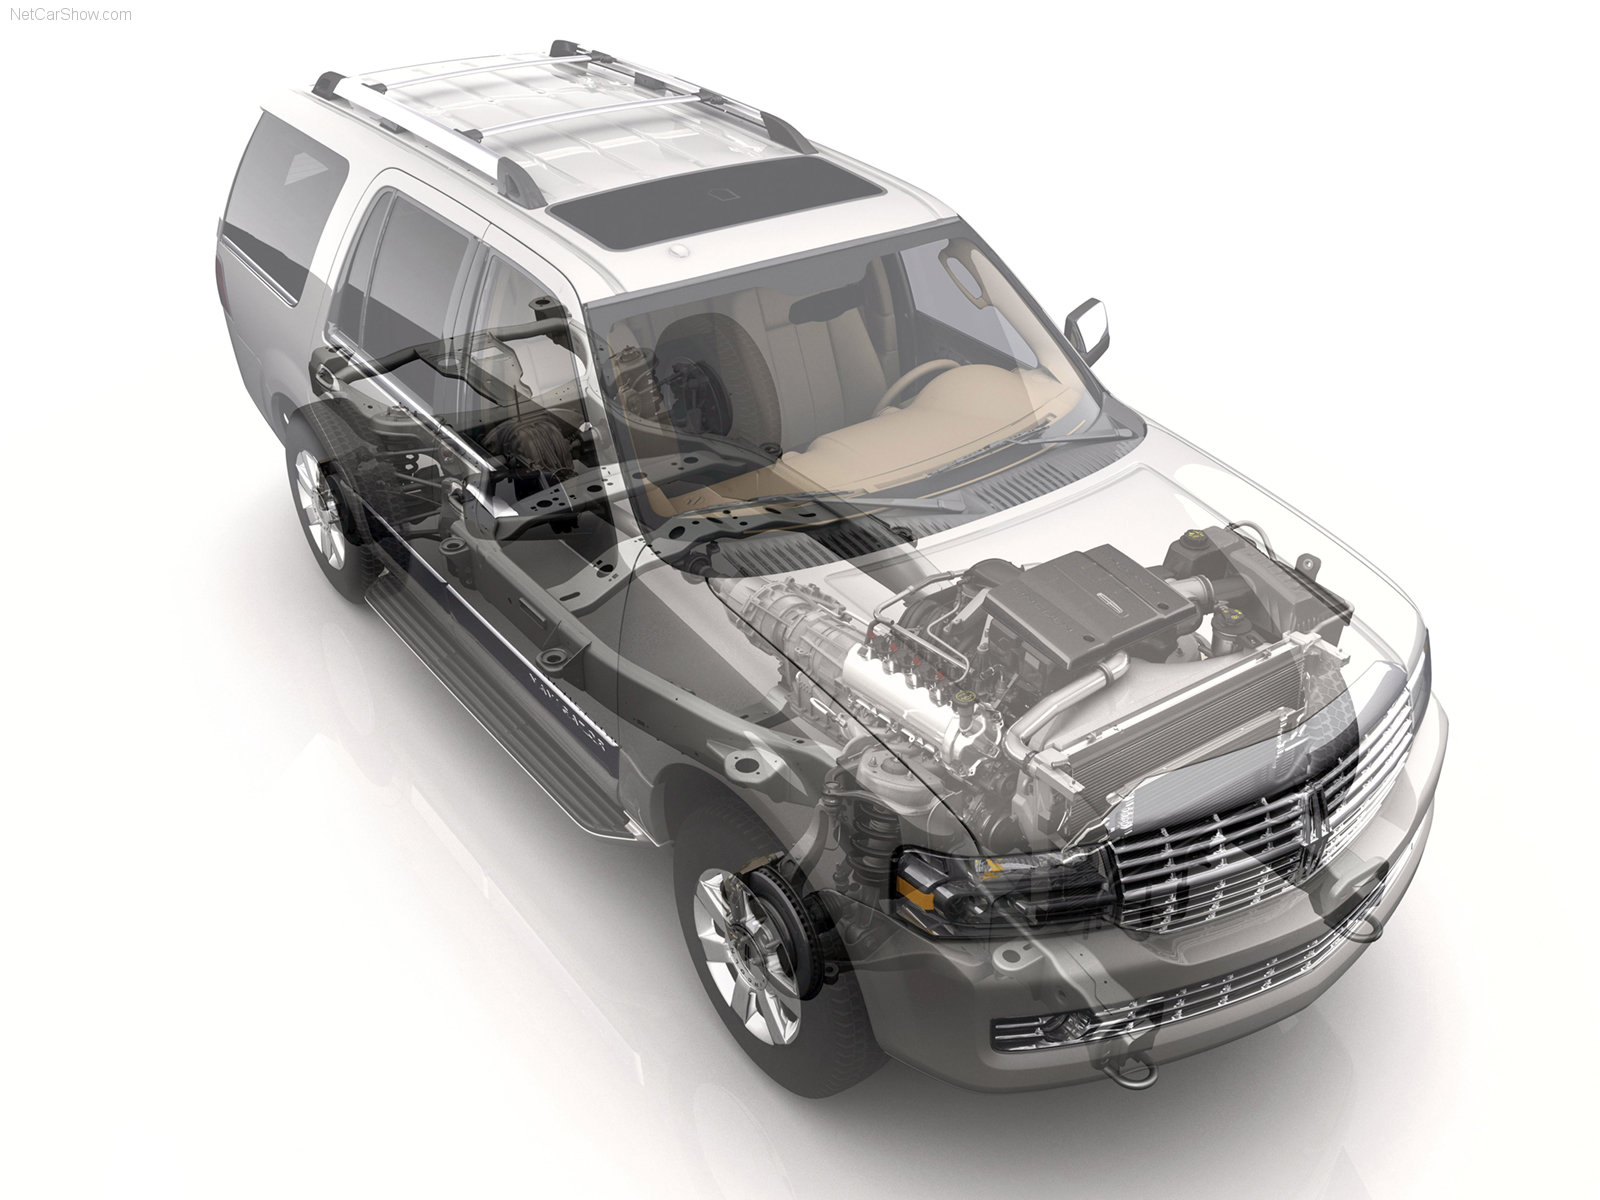 Hình ảnh xe ô tô Lincoln Navigator 2007 & nội ngoại thất